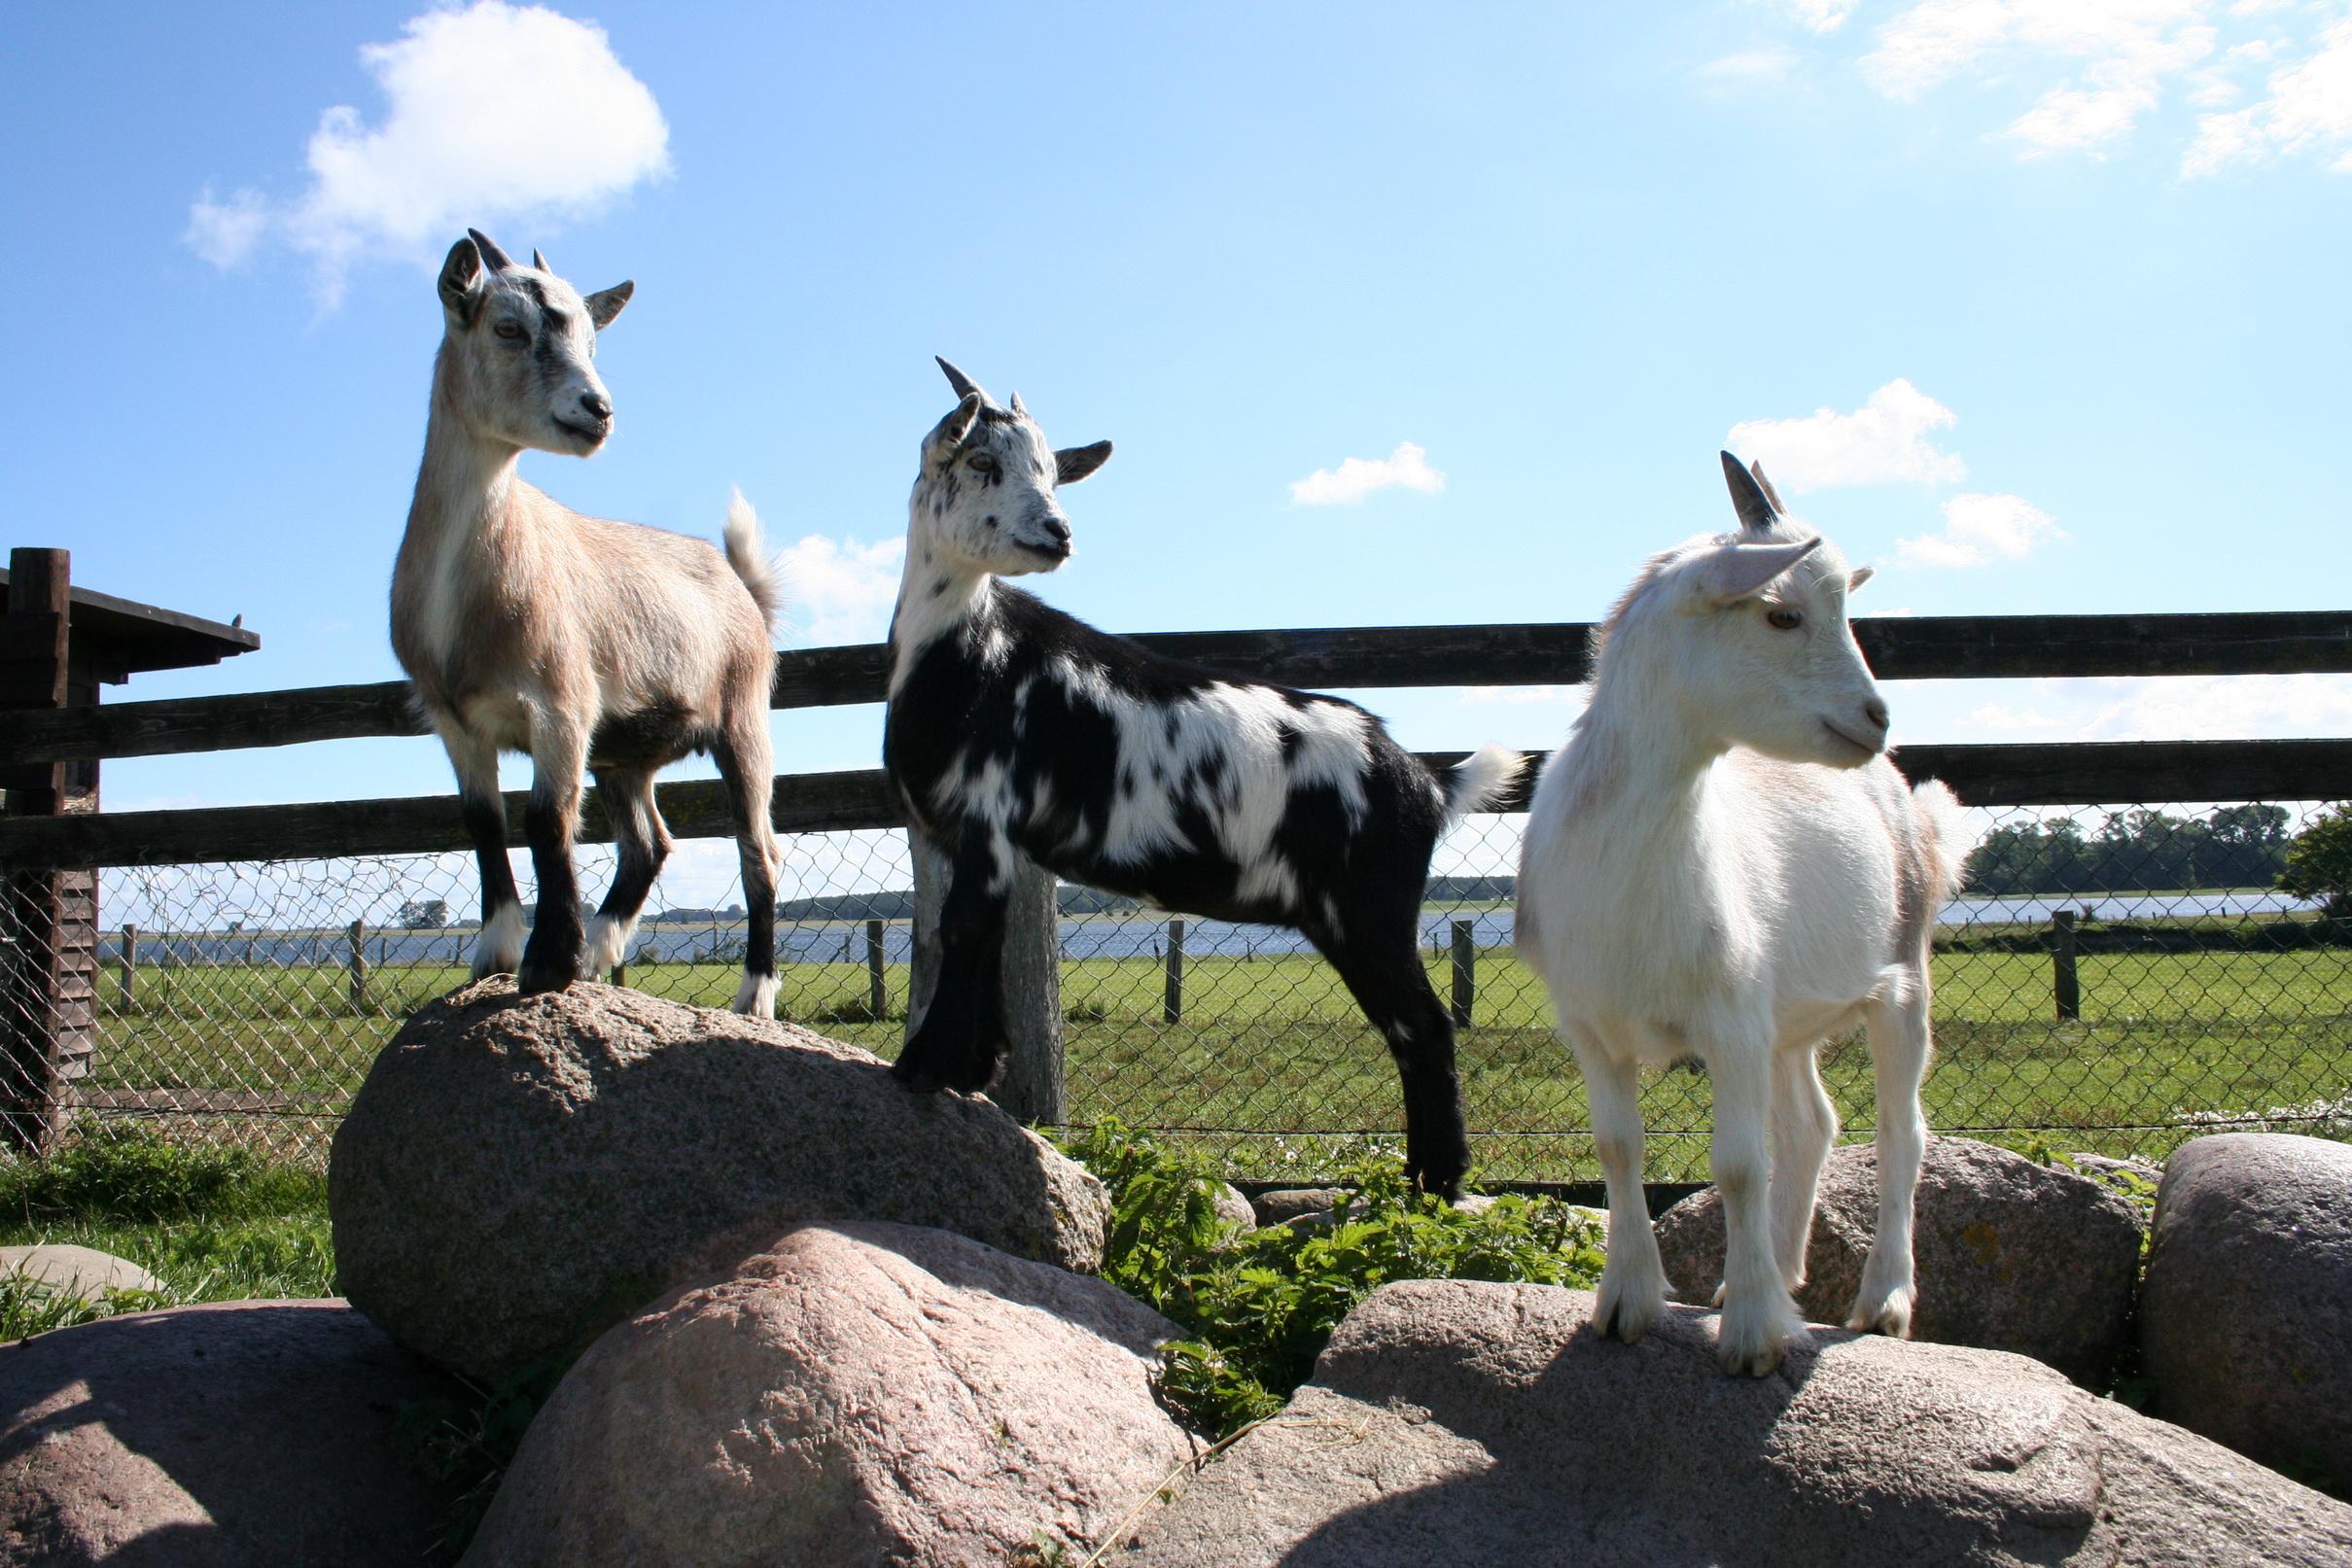 Ziegen auf dem Erlebnis-Bauernhof Kliewe